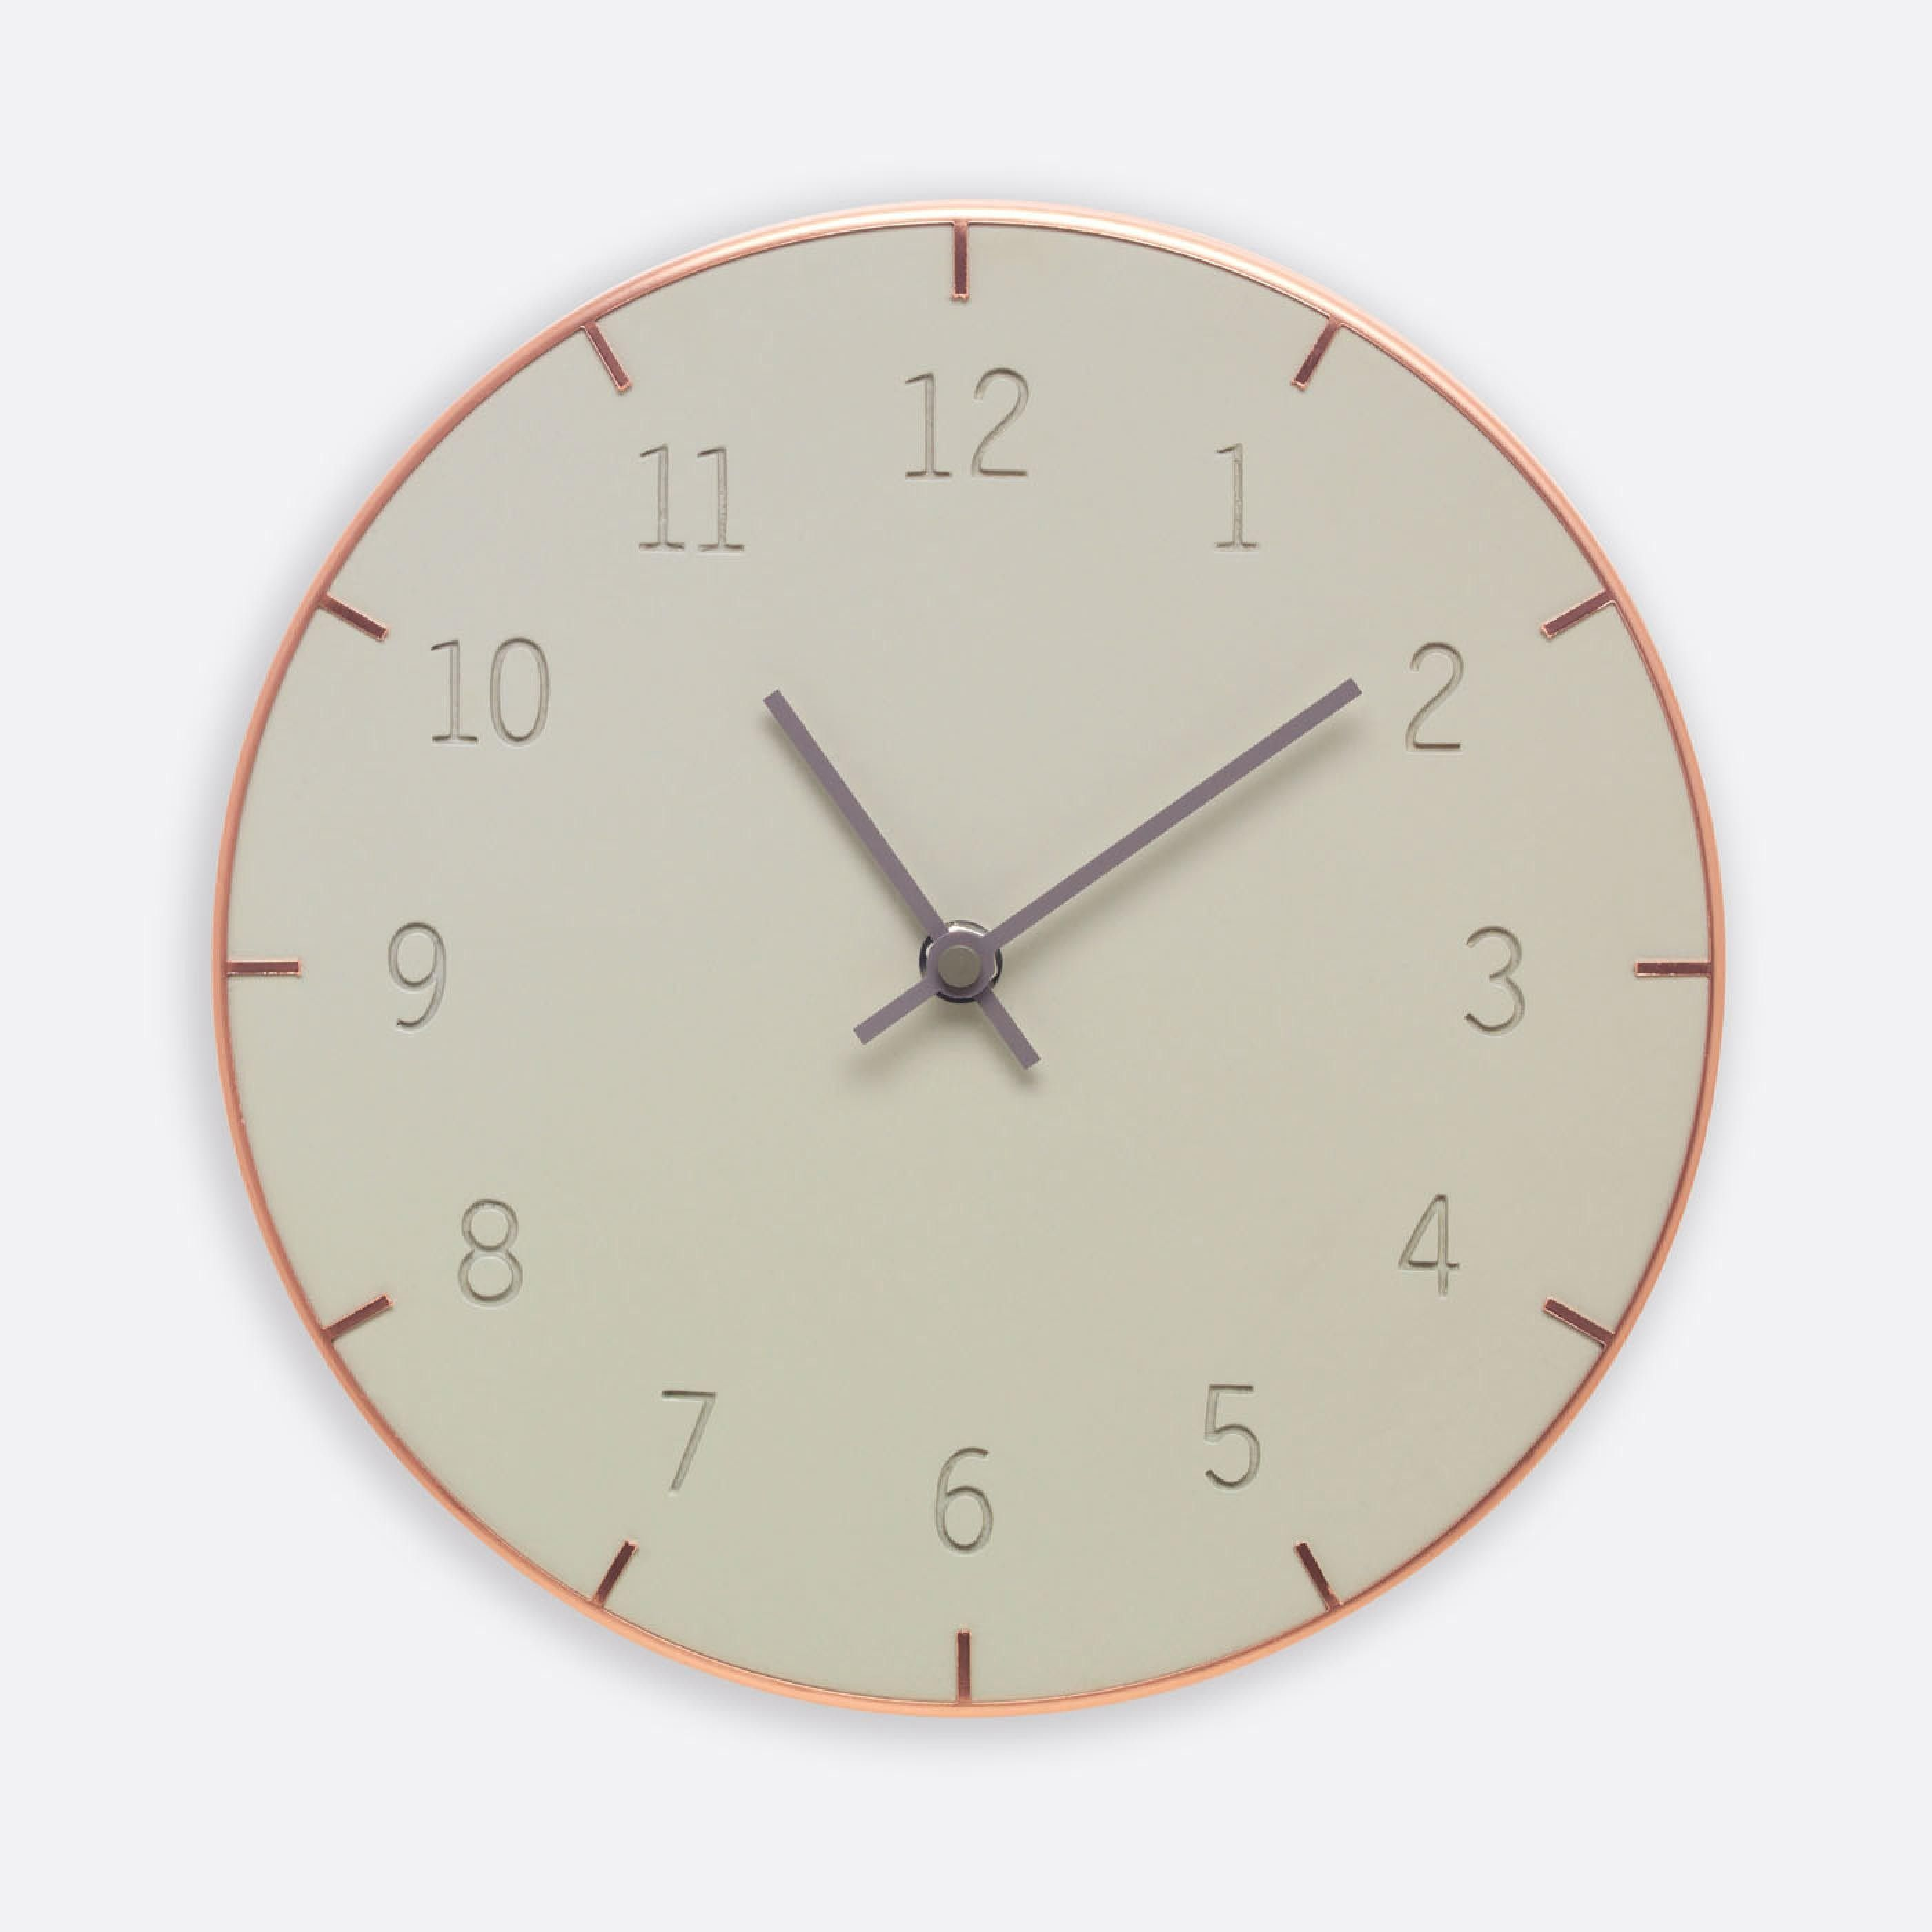 Piatto Concrete Wall Clock Wall Clock Clock Concrete Wall